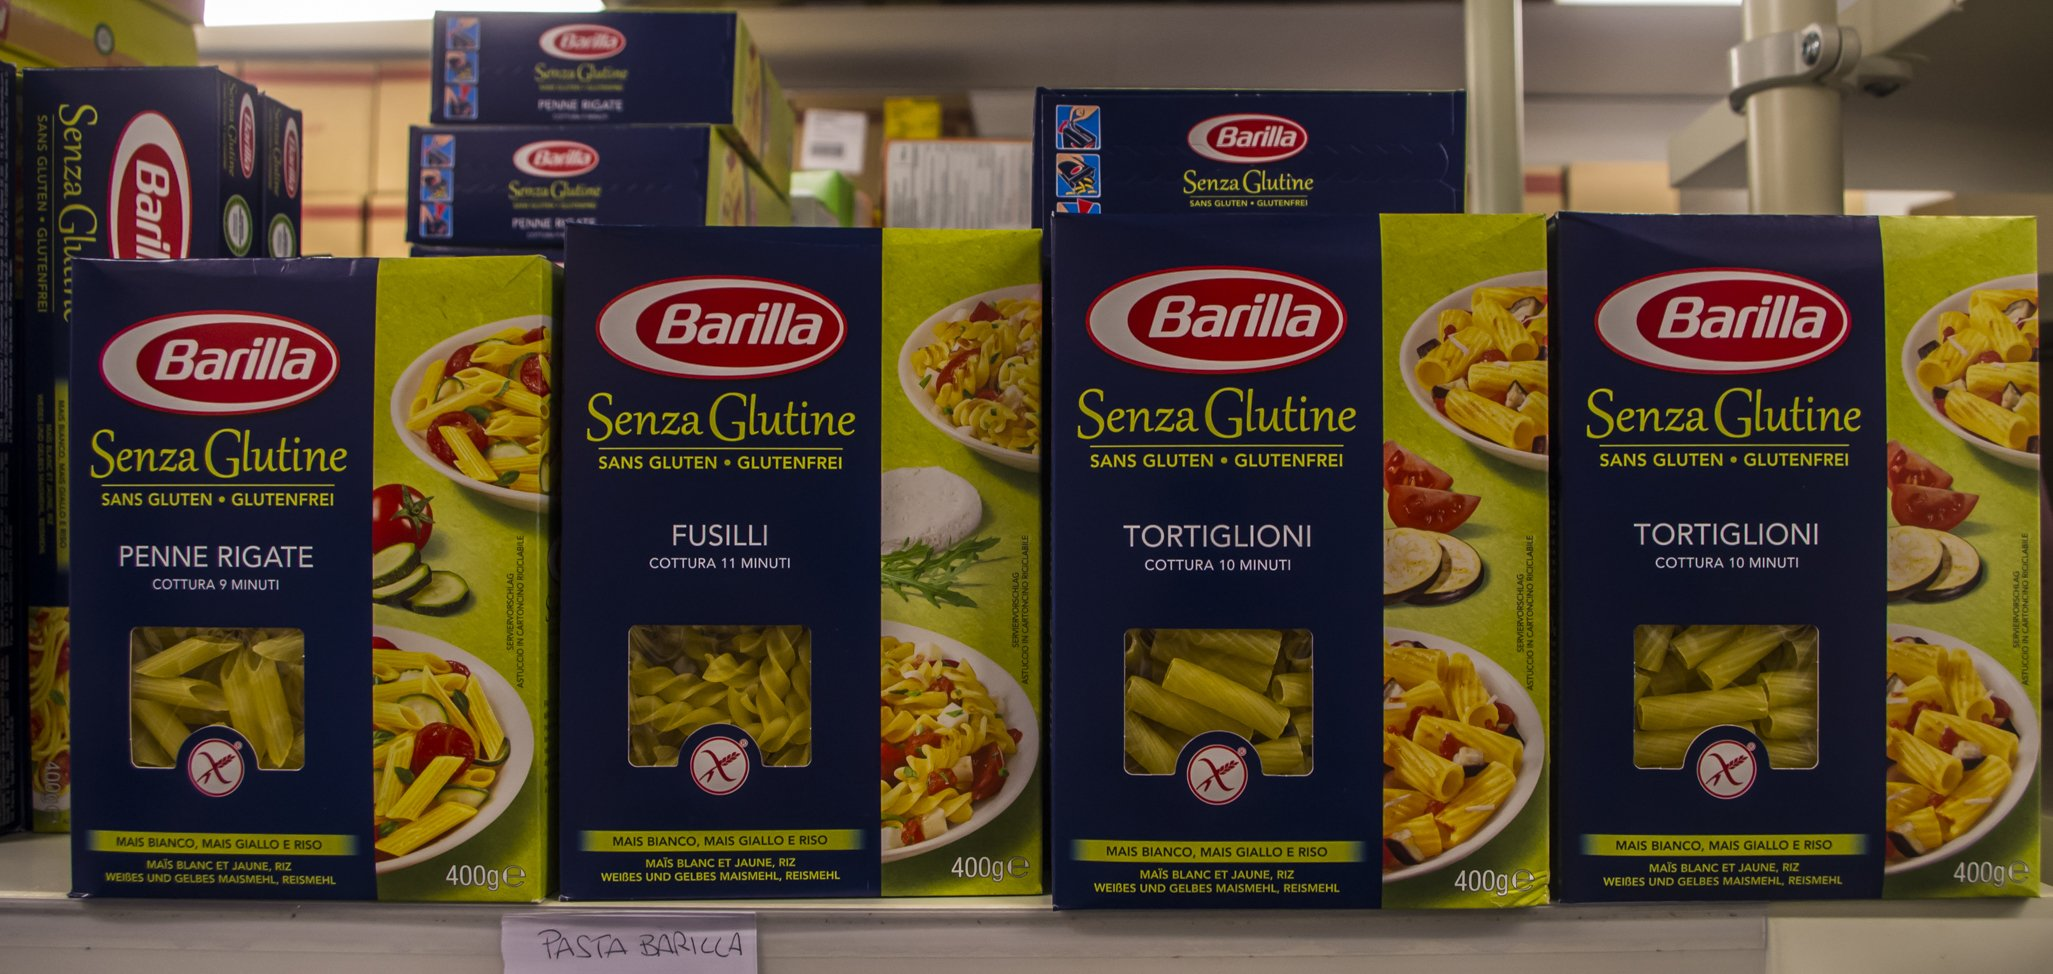 delle confezioni di pasta Barilla Senza Glutine